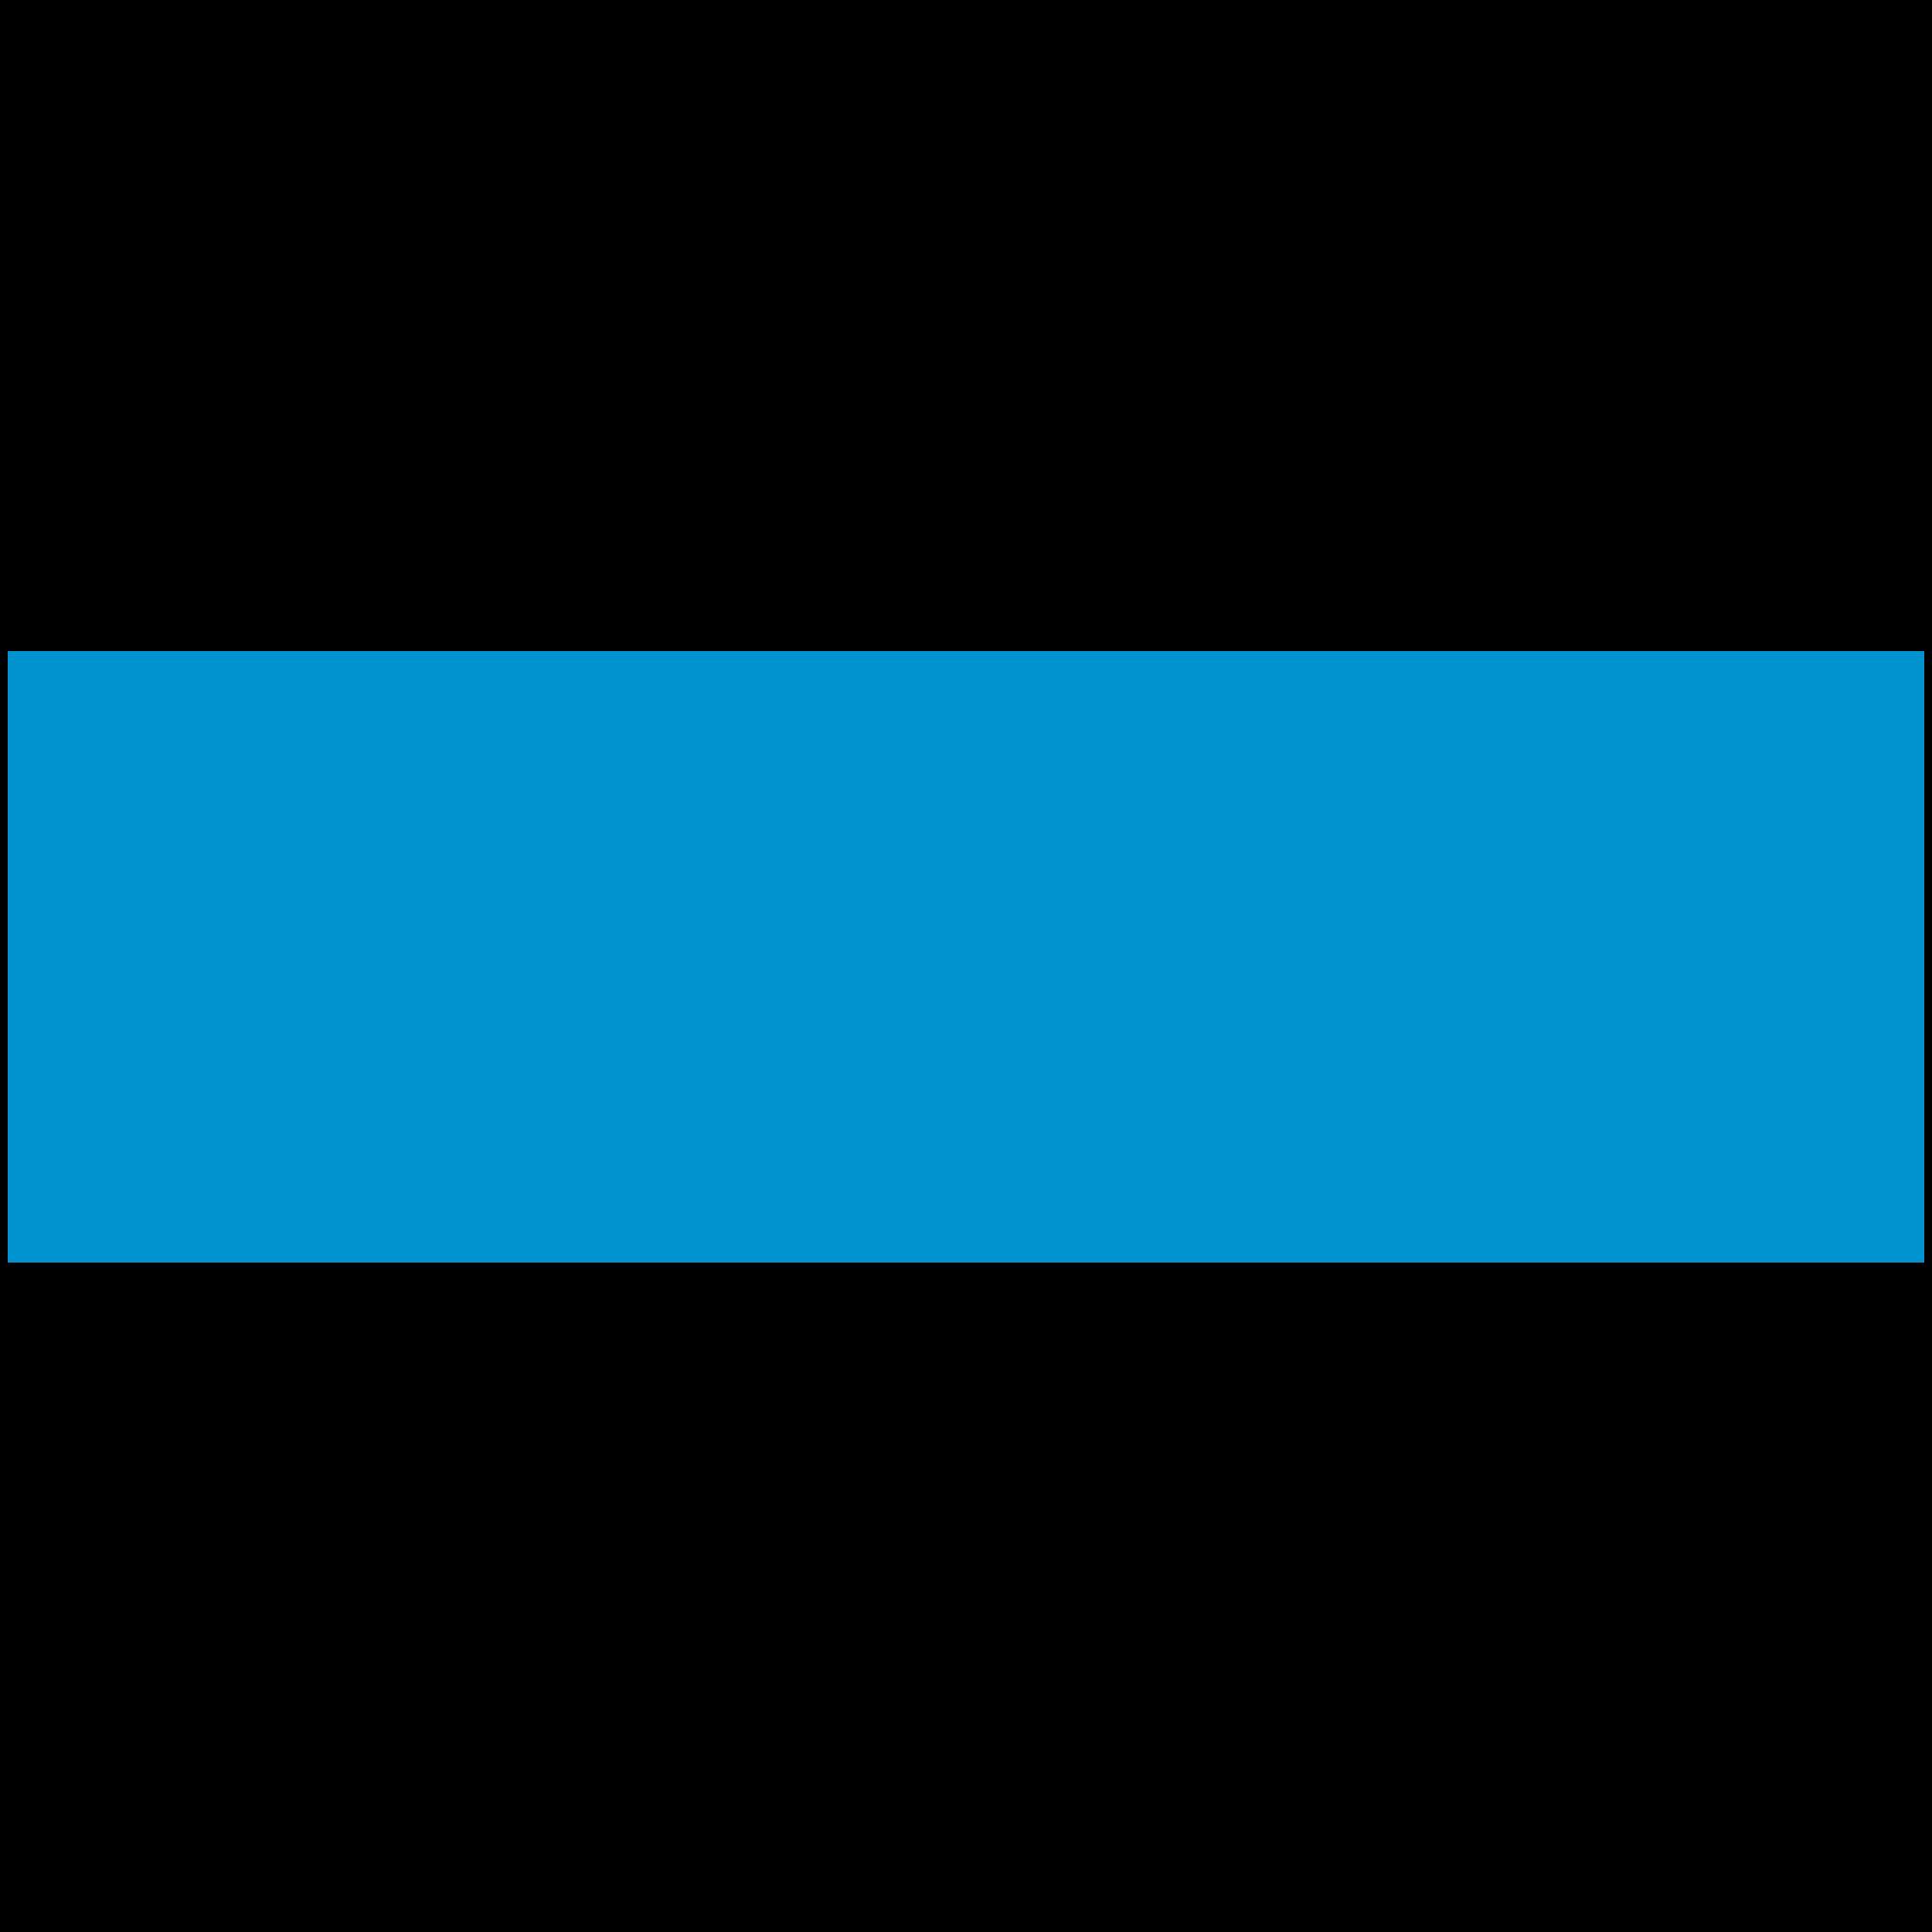 plastipak.png